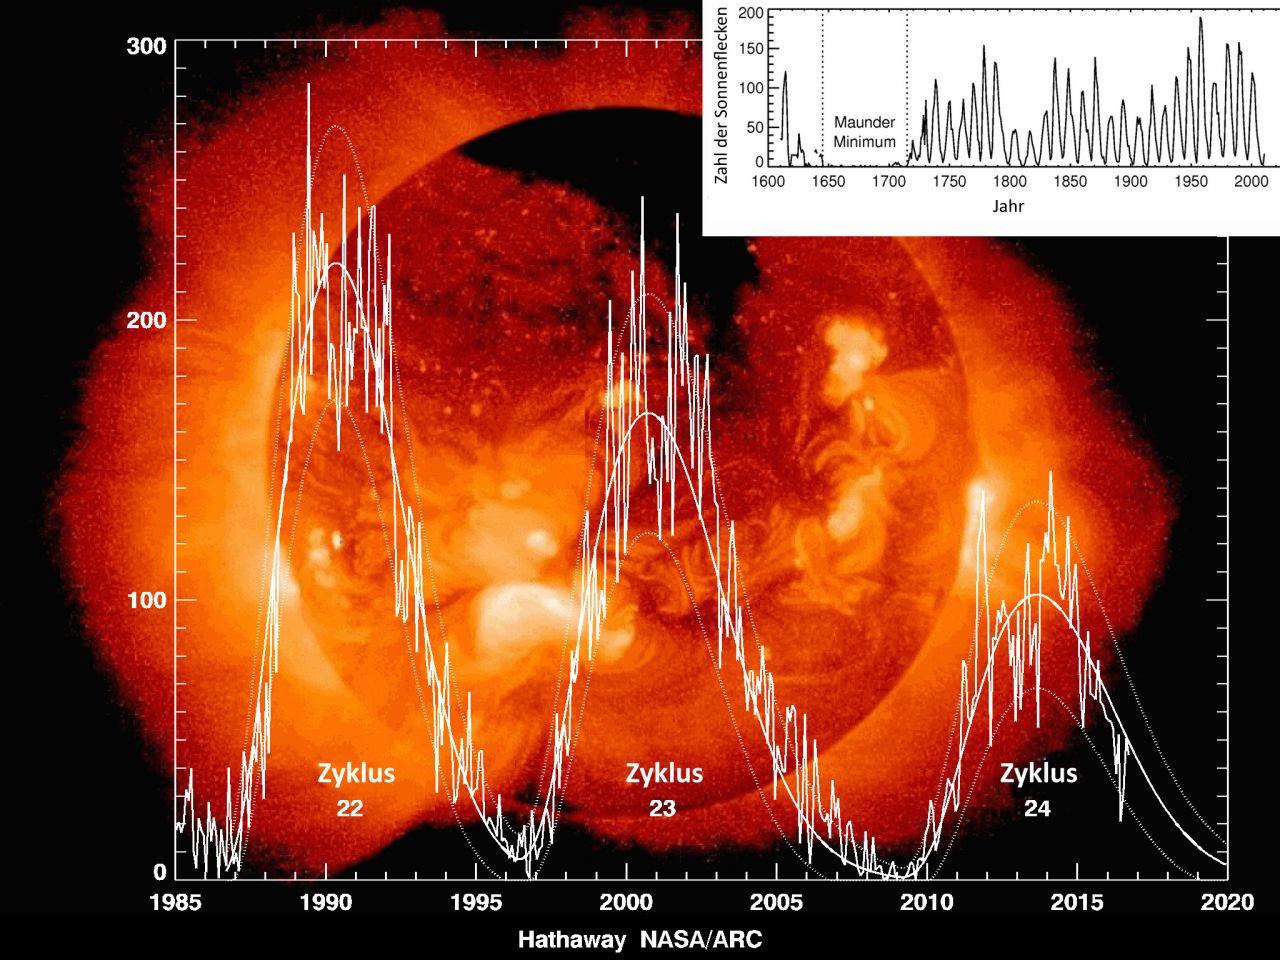 Etwa alle 11 Jahre verschwinden die Sonnenflecken - und tauchen wieder auf. gemessen wird das seit fast 400 Jahren.